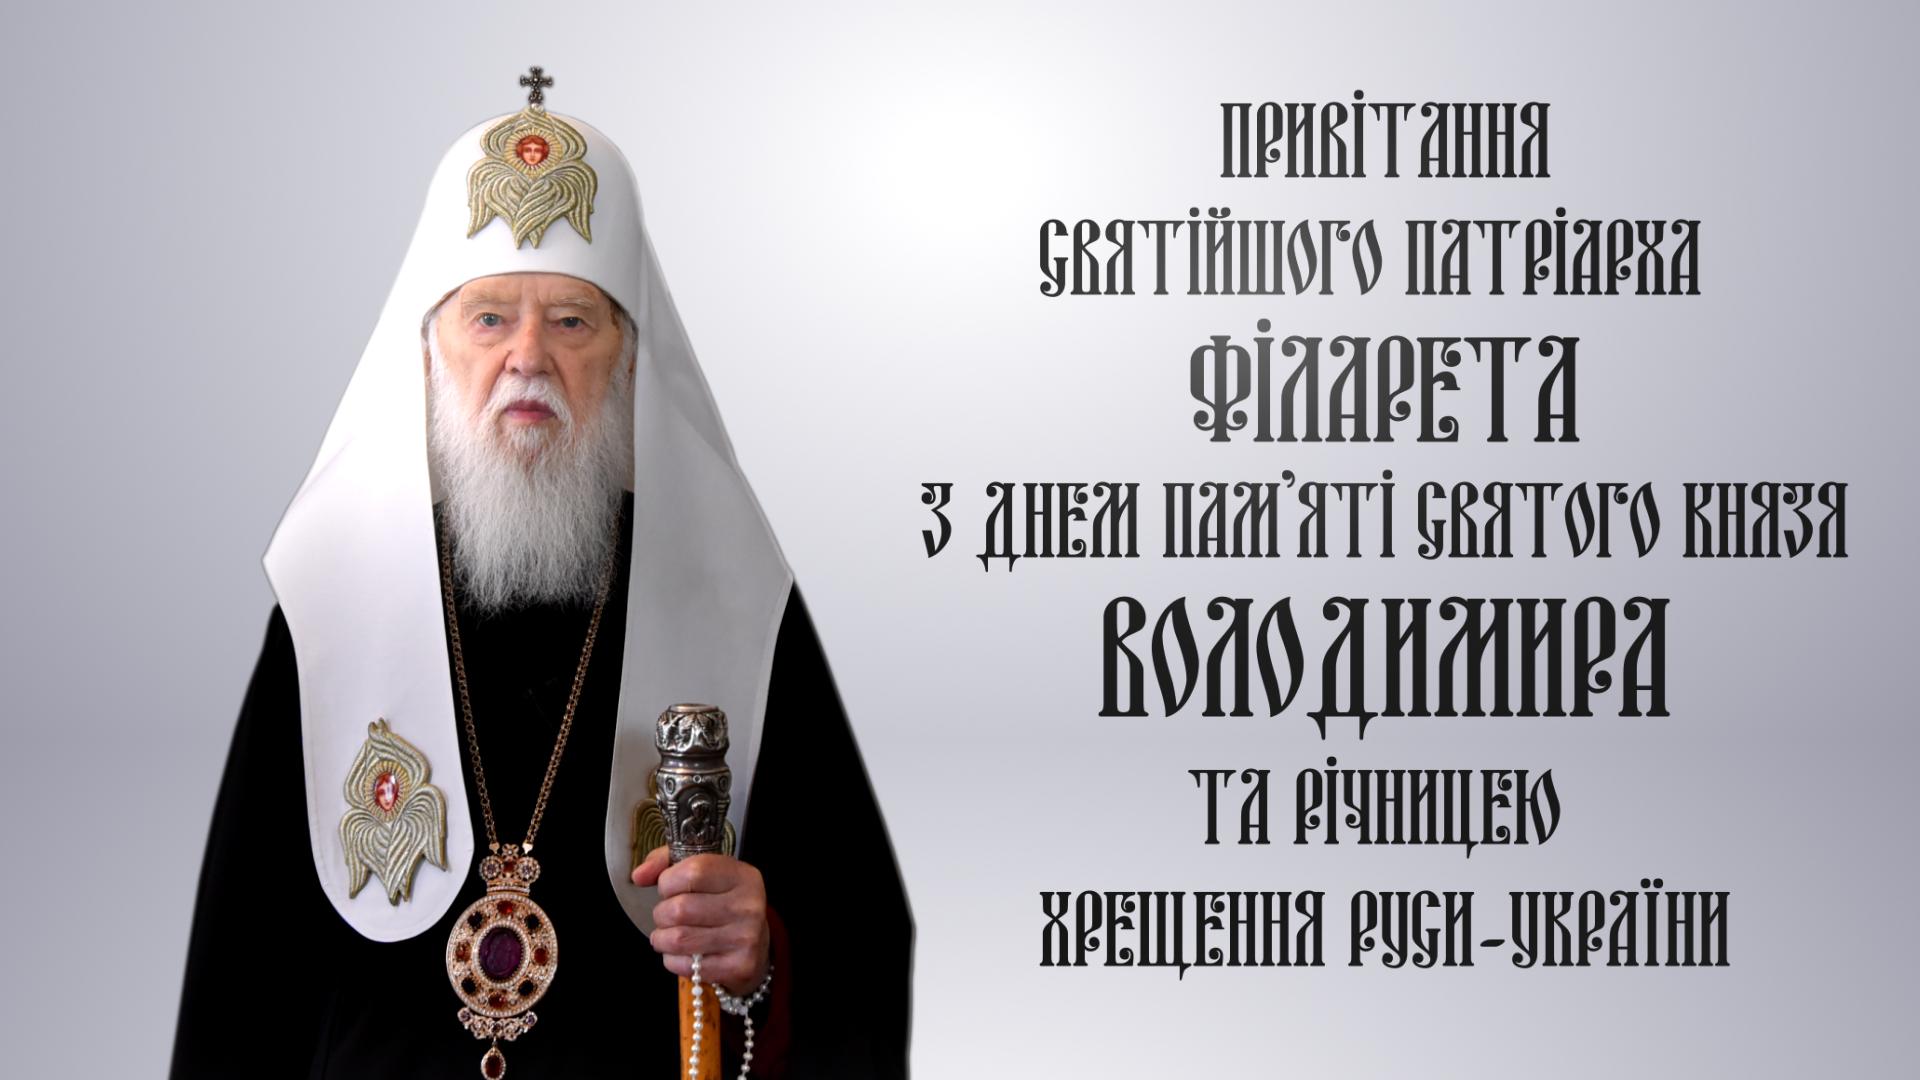 Привітання Патріарха Філарета з днем пам'яті святого князя Володимира та річницею Хрещення Руси-України